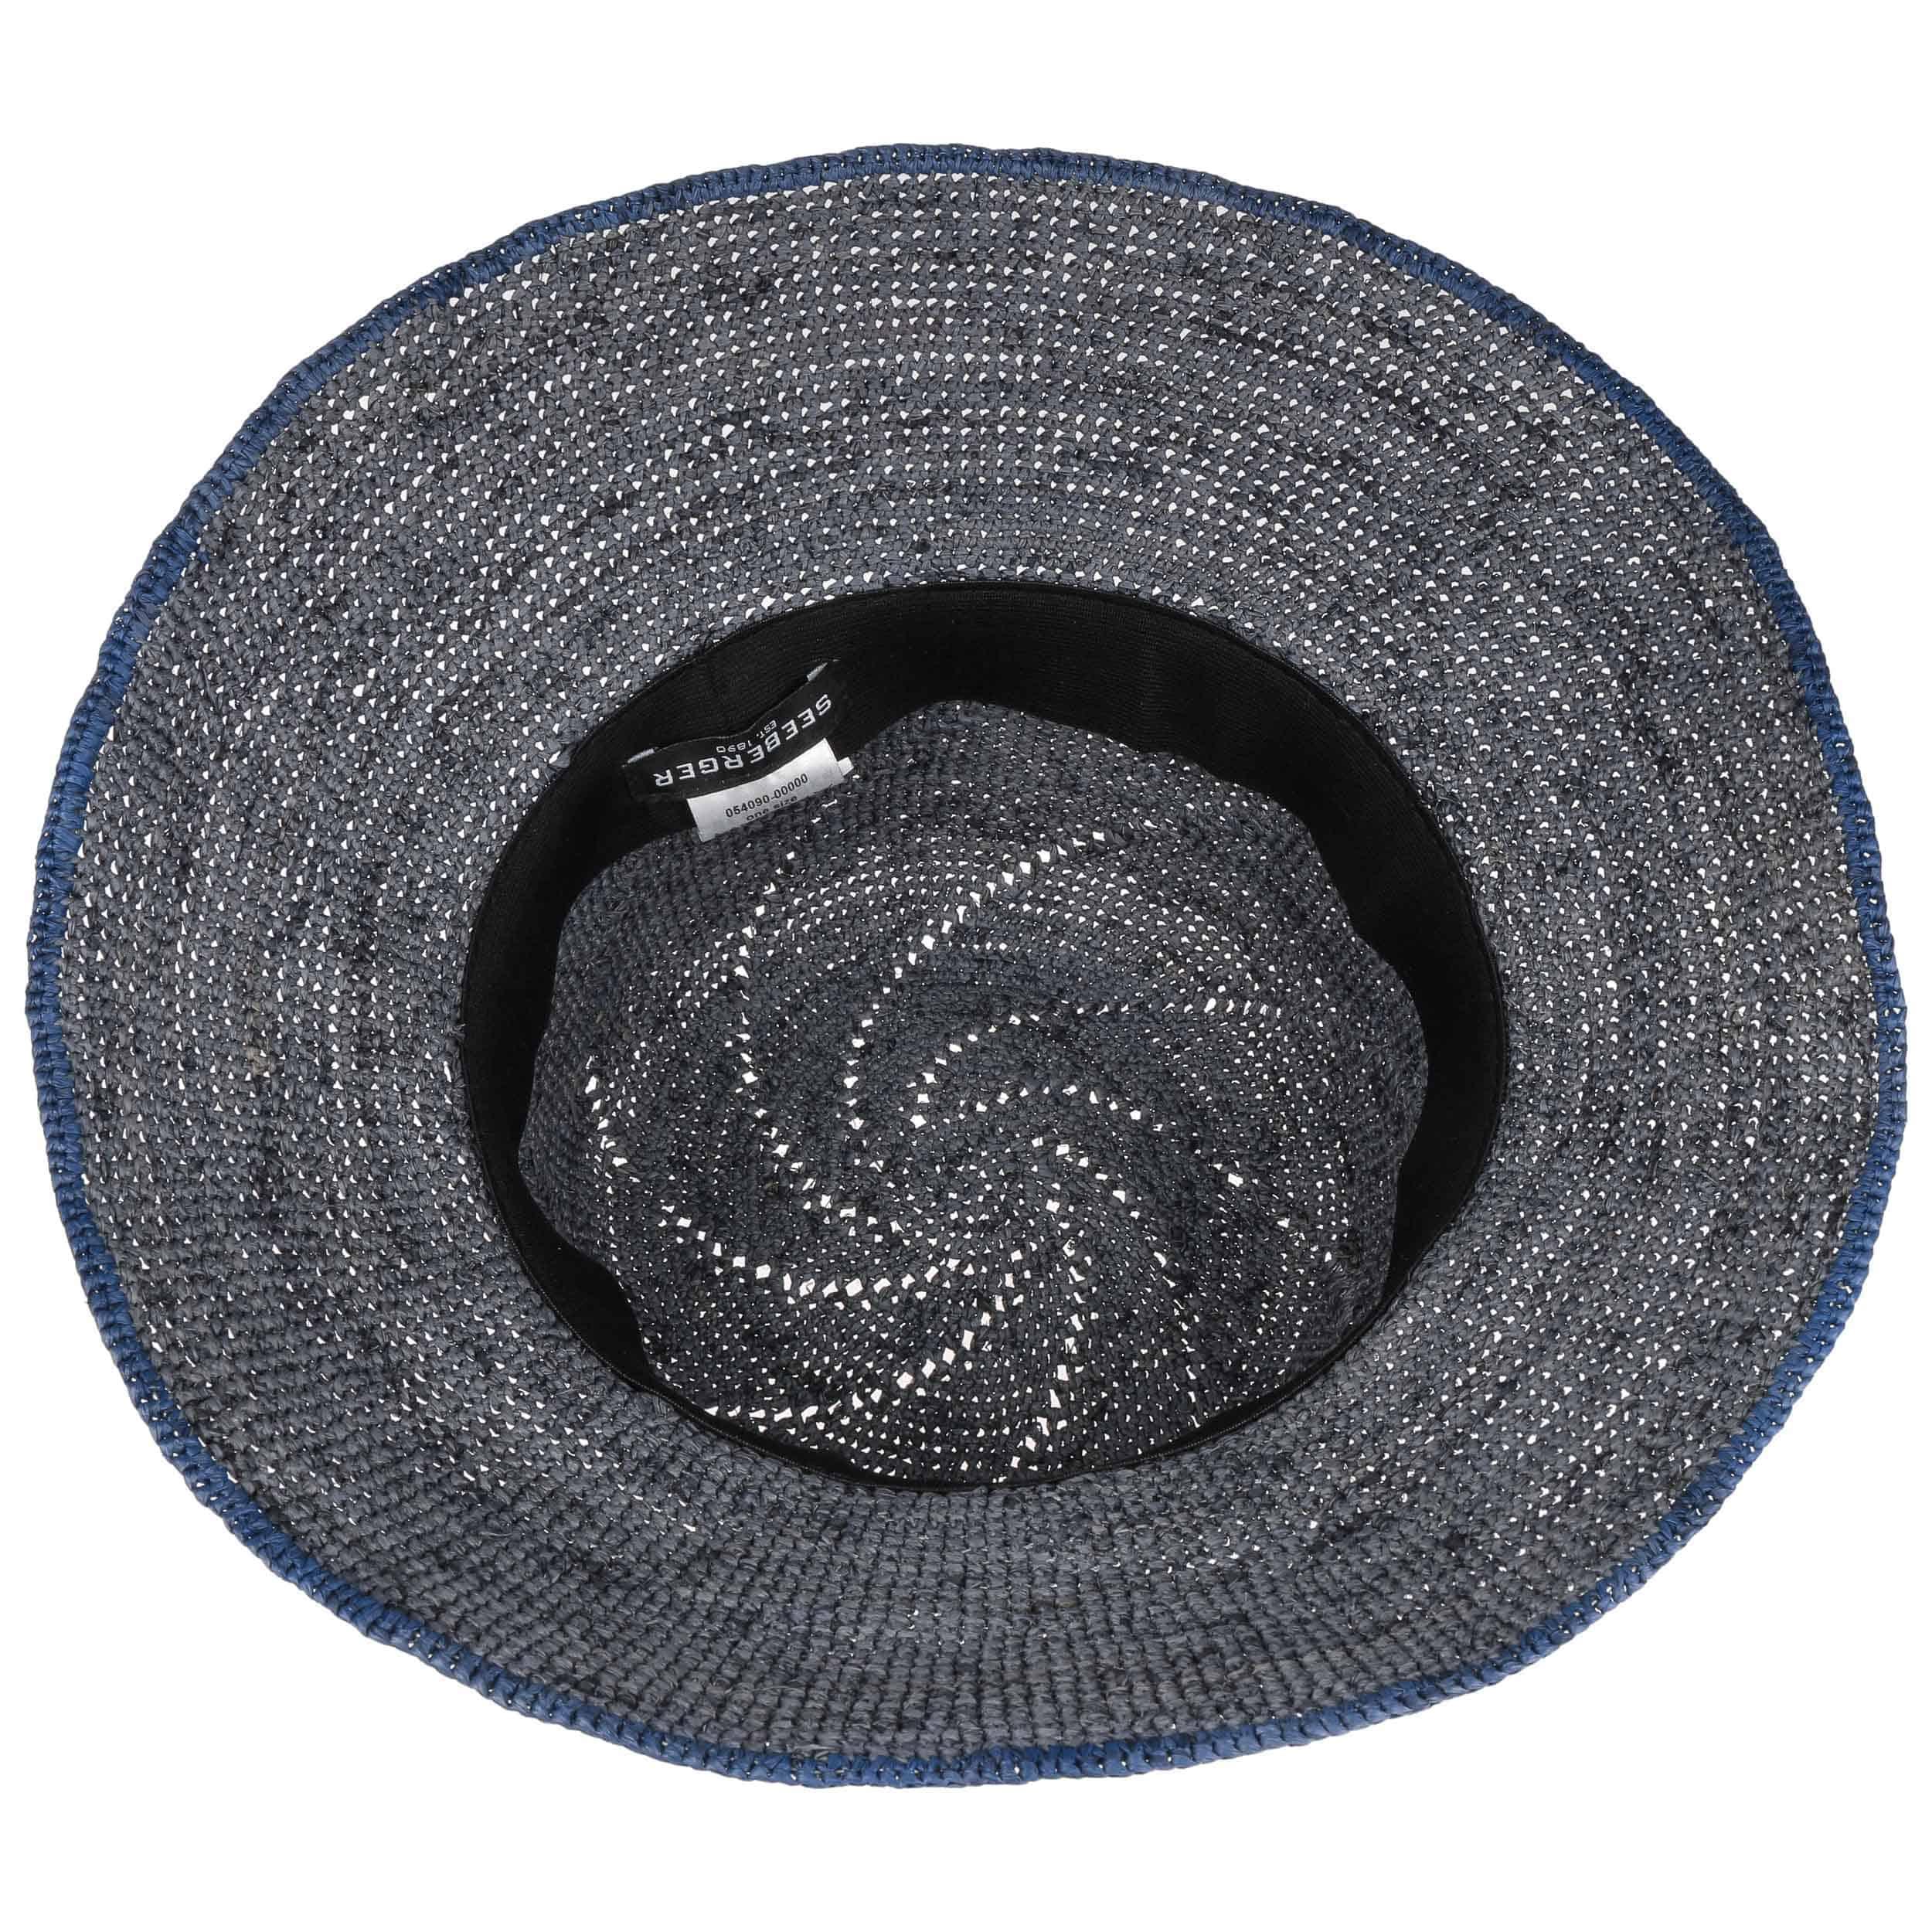 Sombrero Cloché de Paja Eliza by Seeberger - Sombreros - sombreroshop.es 1296c9aaee82